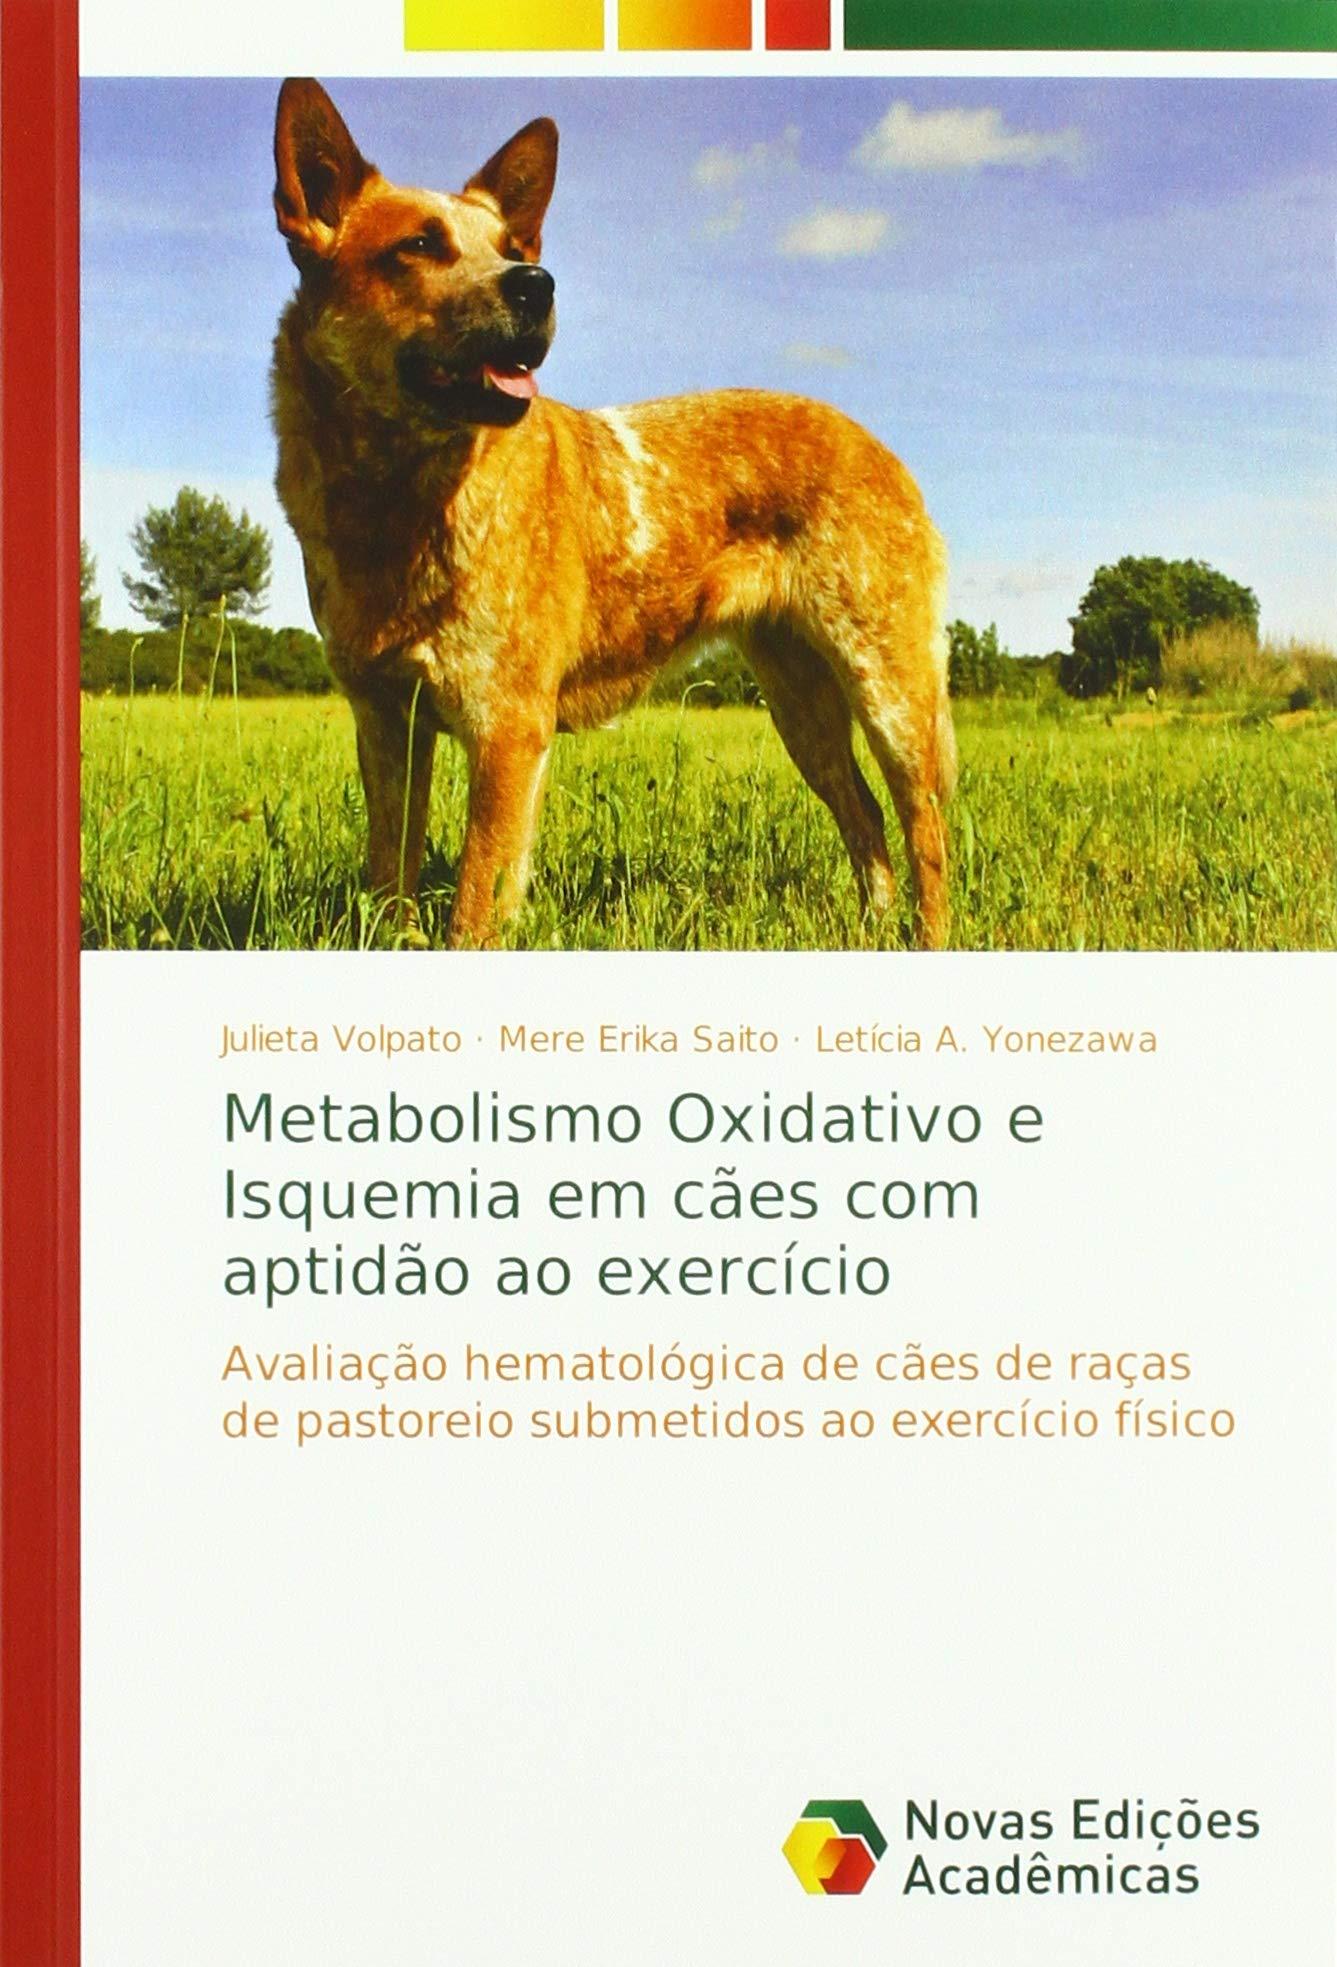 Metabolismo Oxidativo e Isquemia em cães com aptidão ao ...